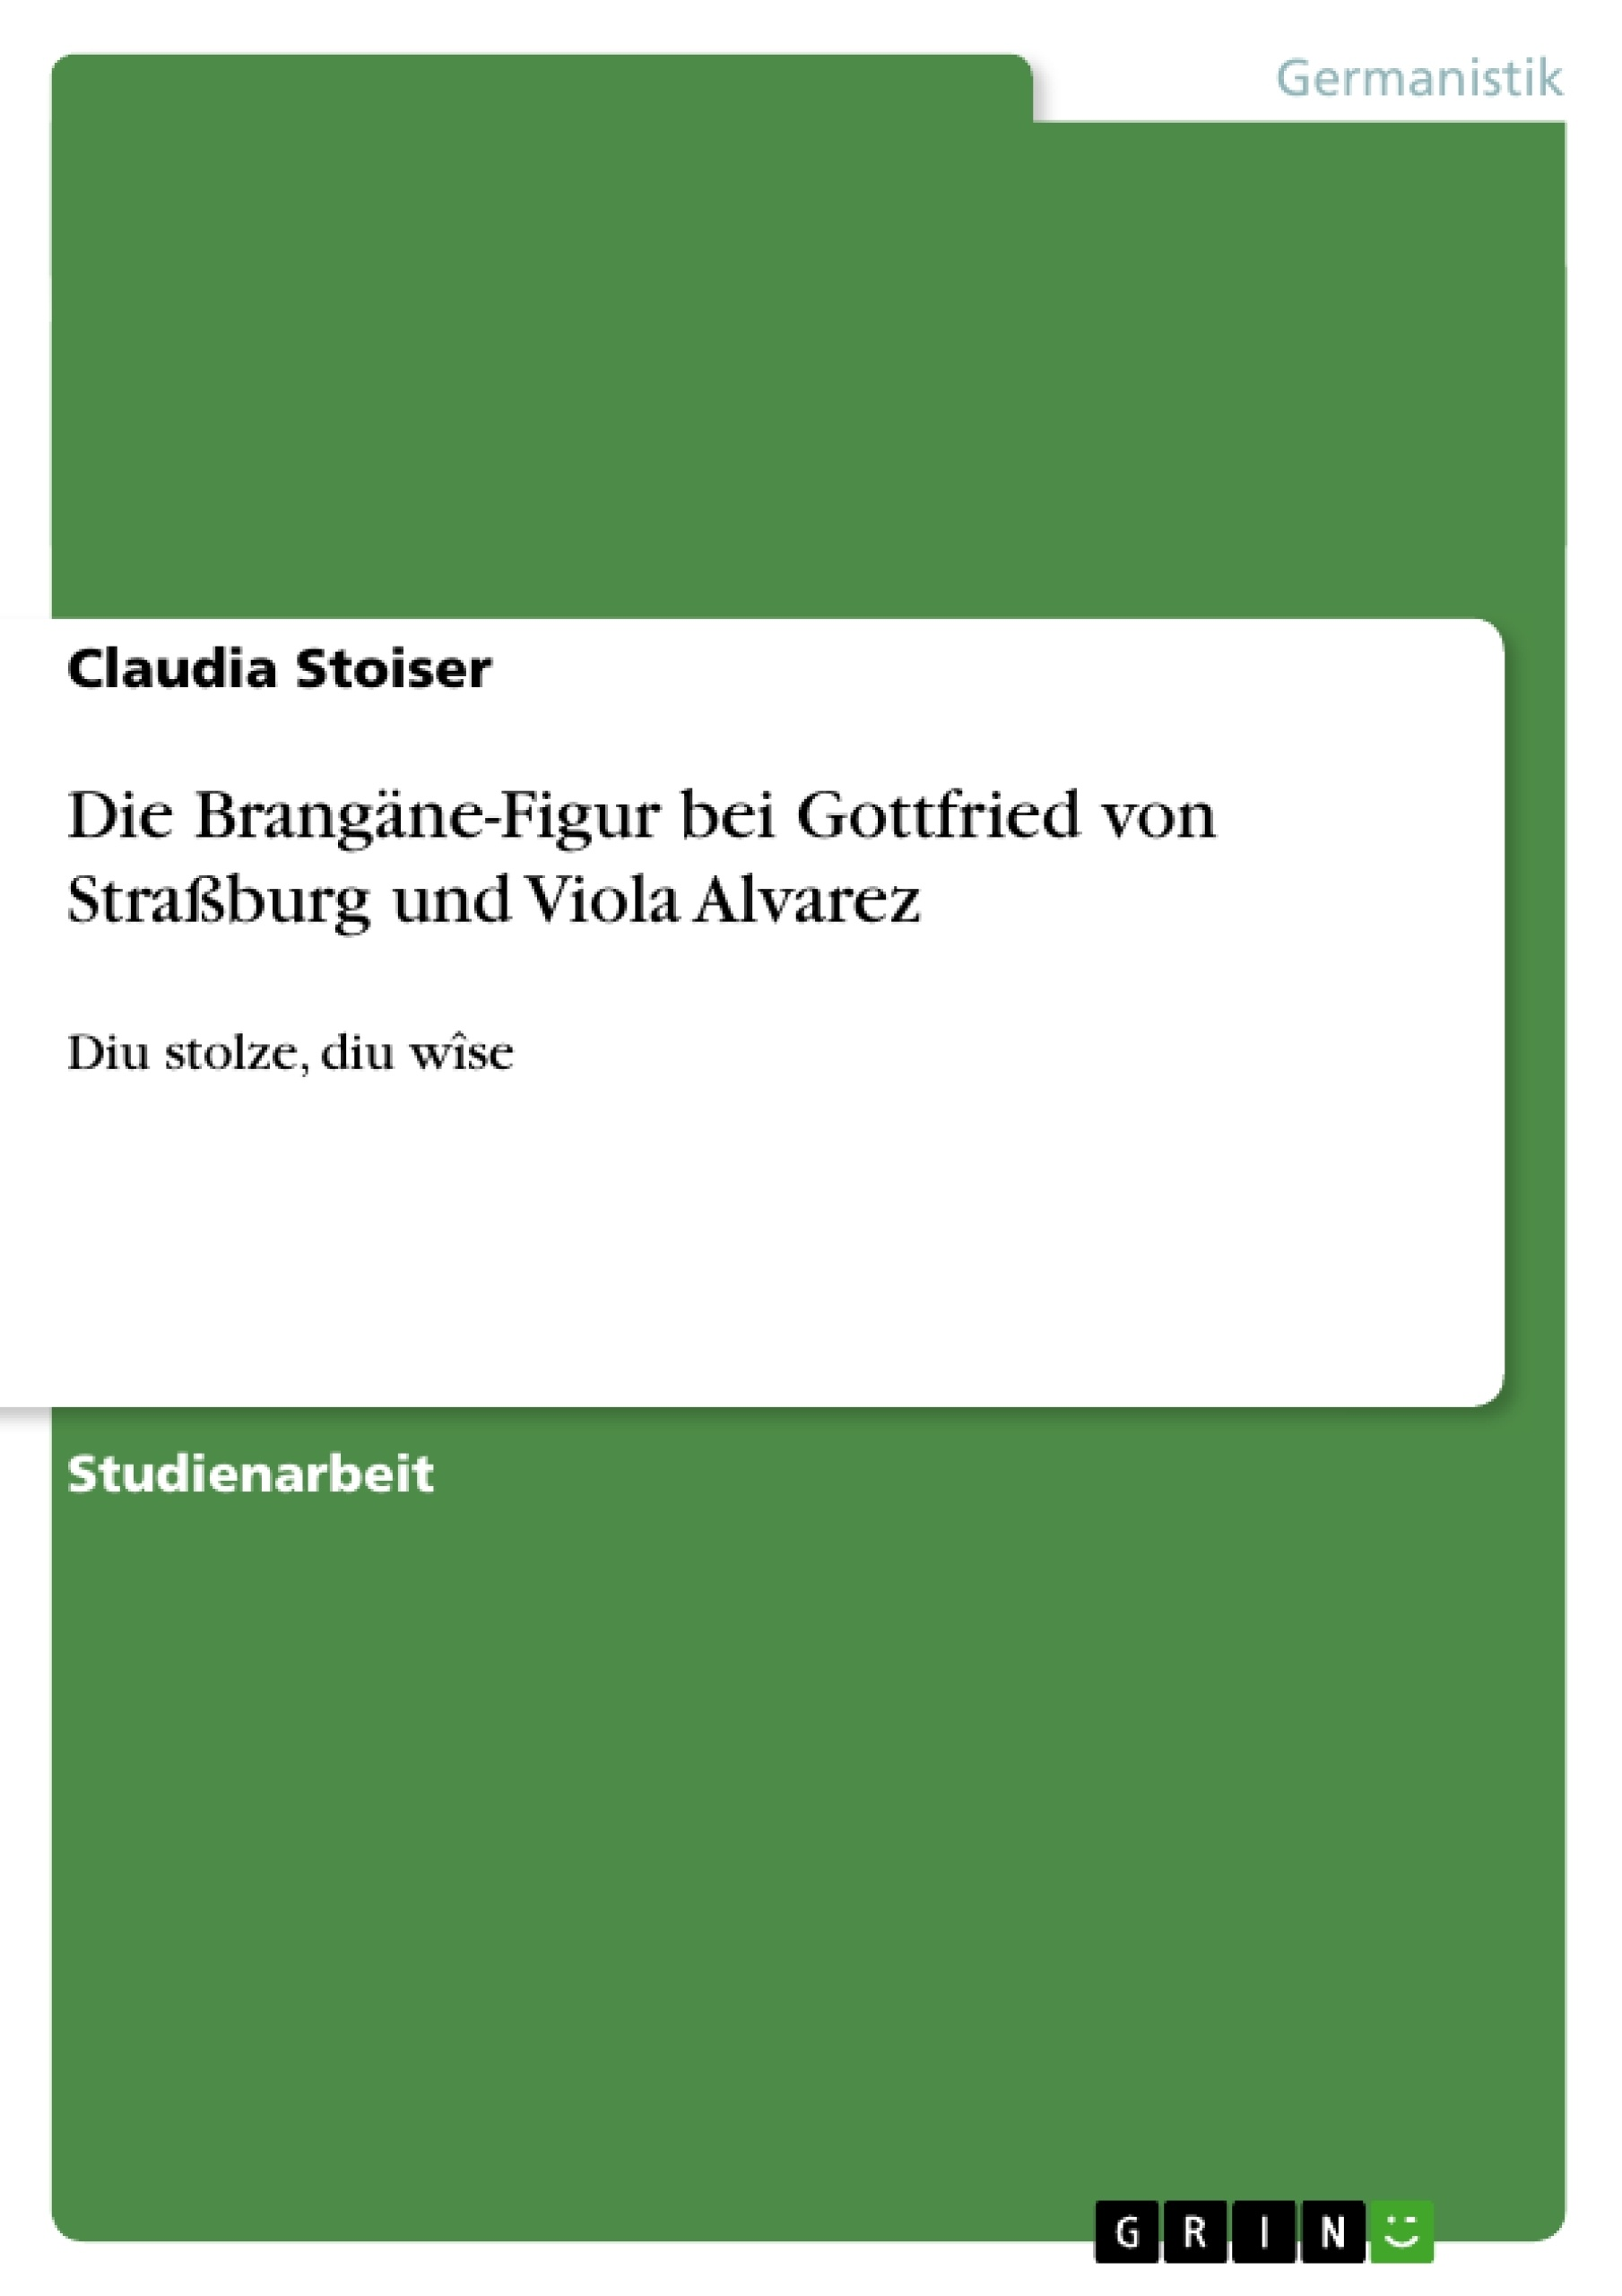 Titel: Die Brangäne-Figur bei Gottfried von Straßburg und Viola Alvarez